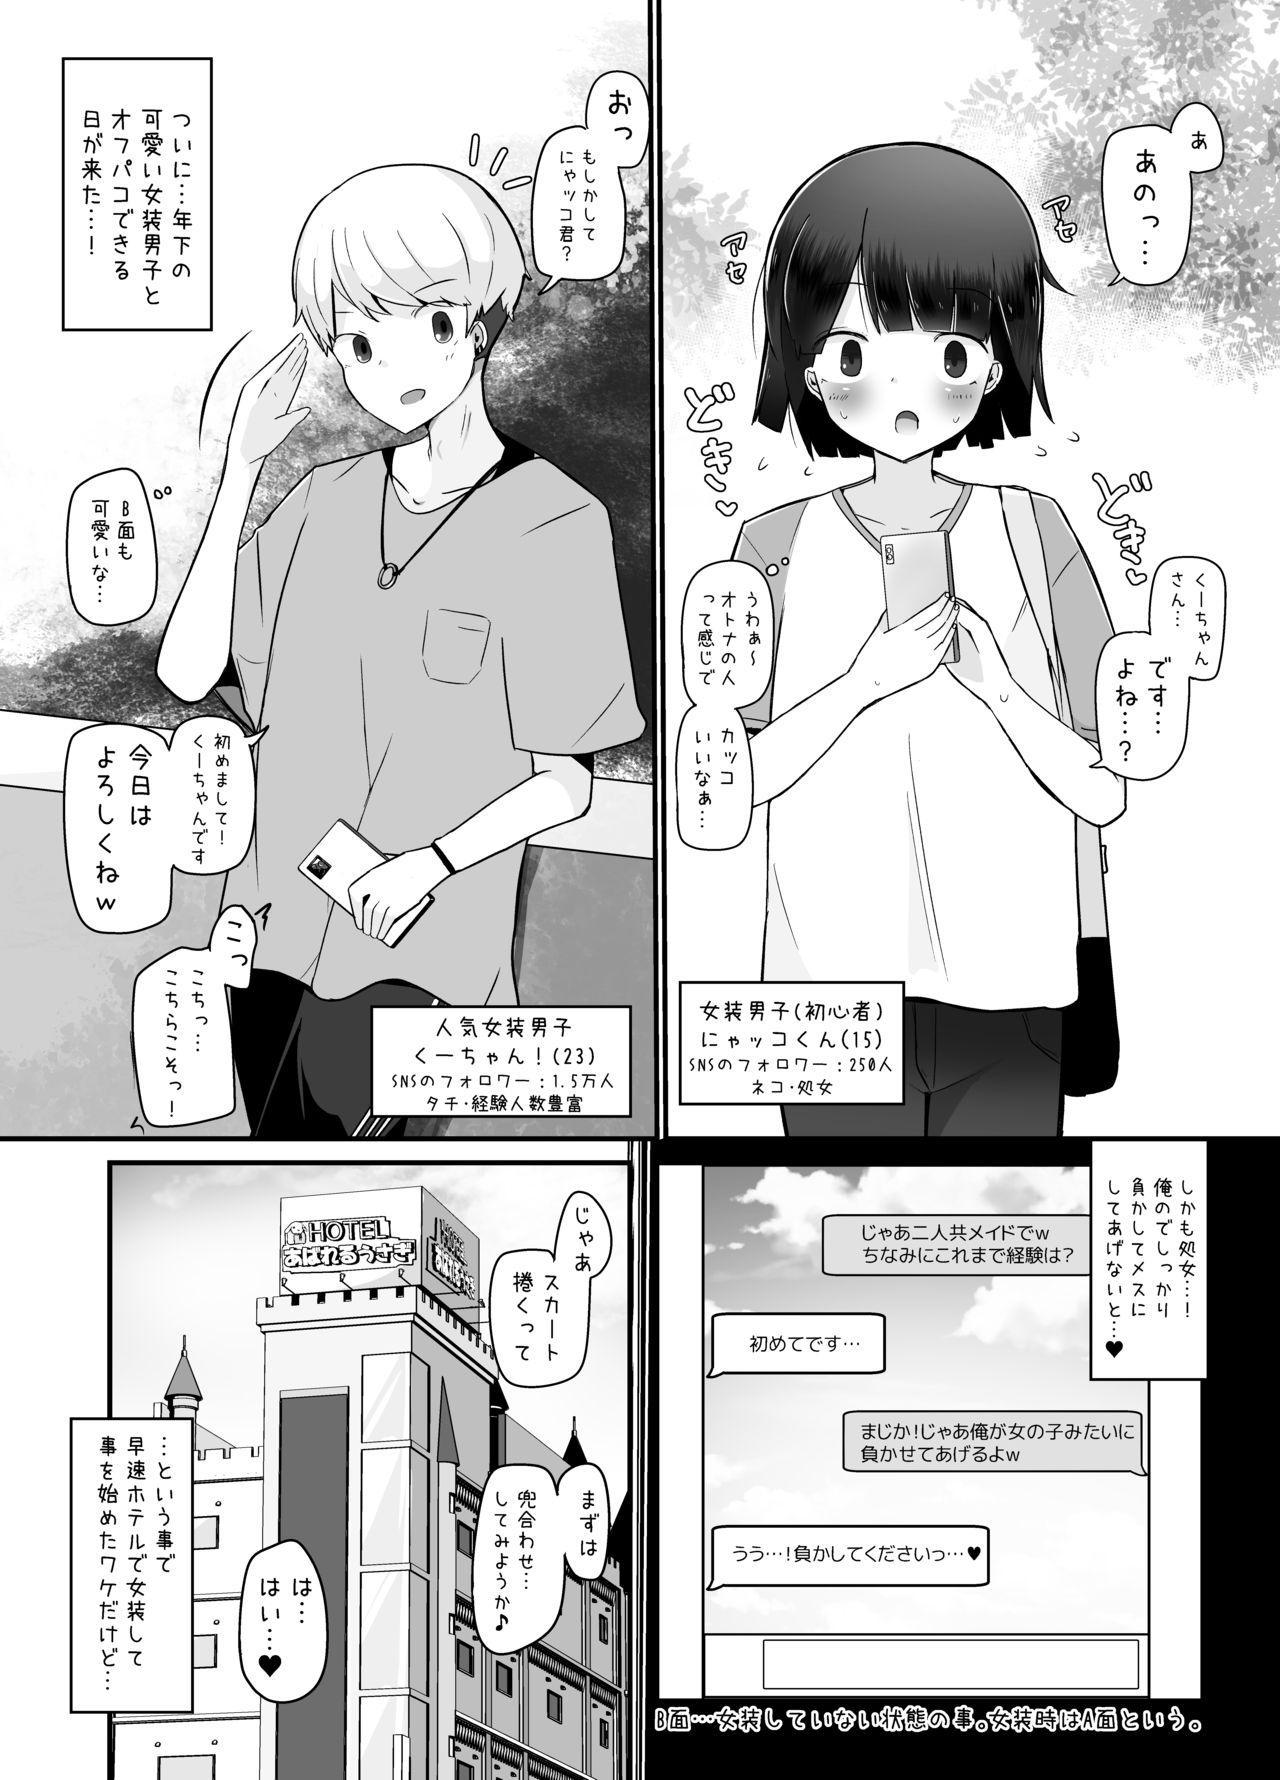 Kyokon Otokonoko Tanpenshuu 8